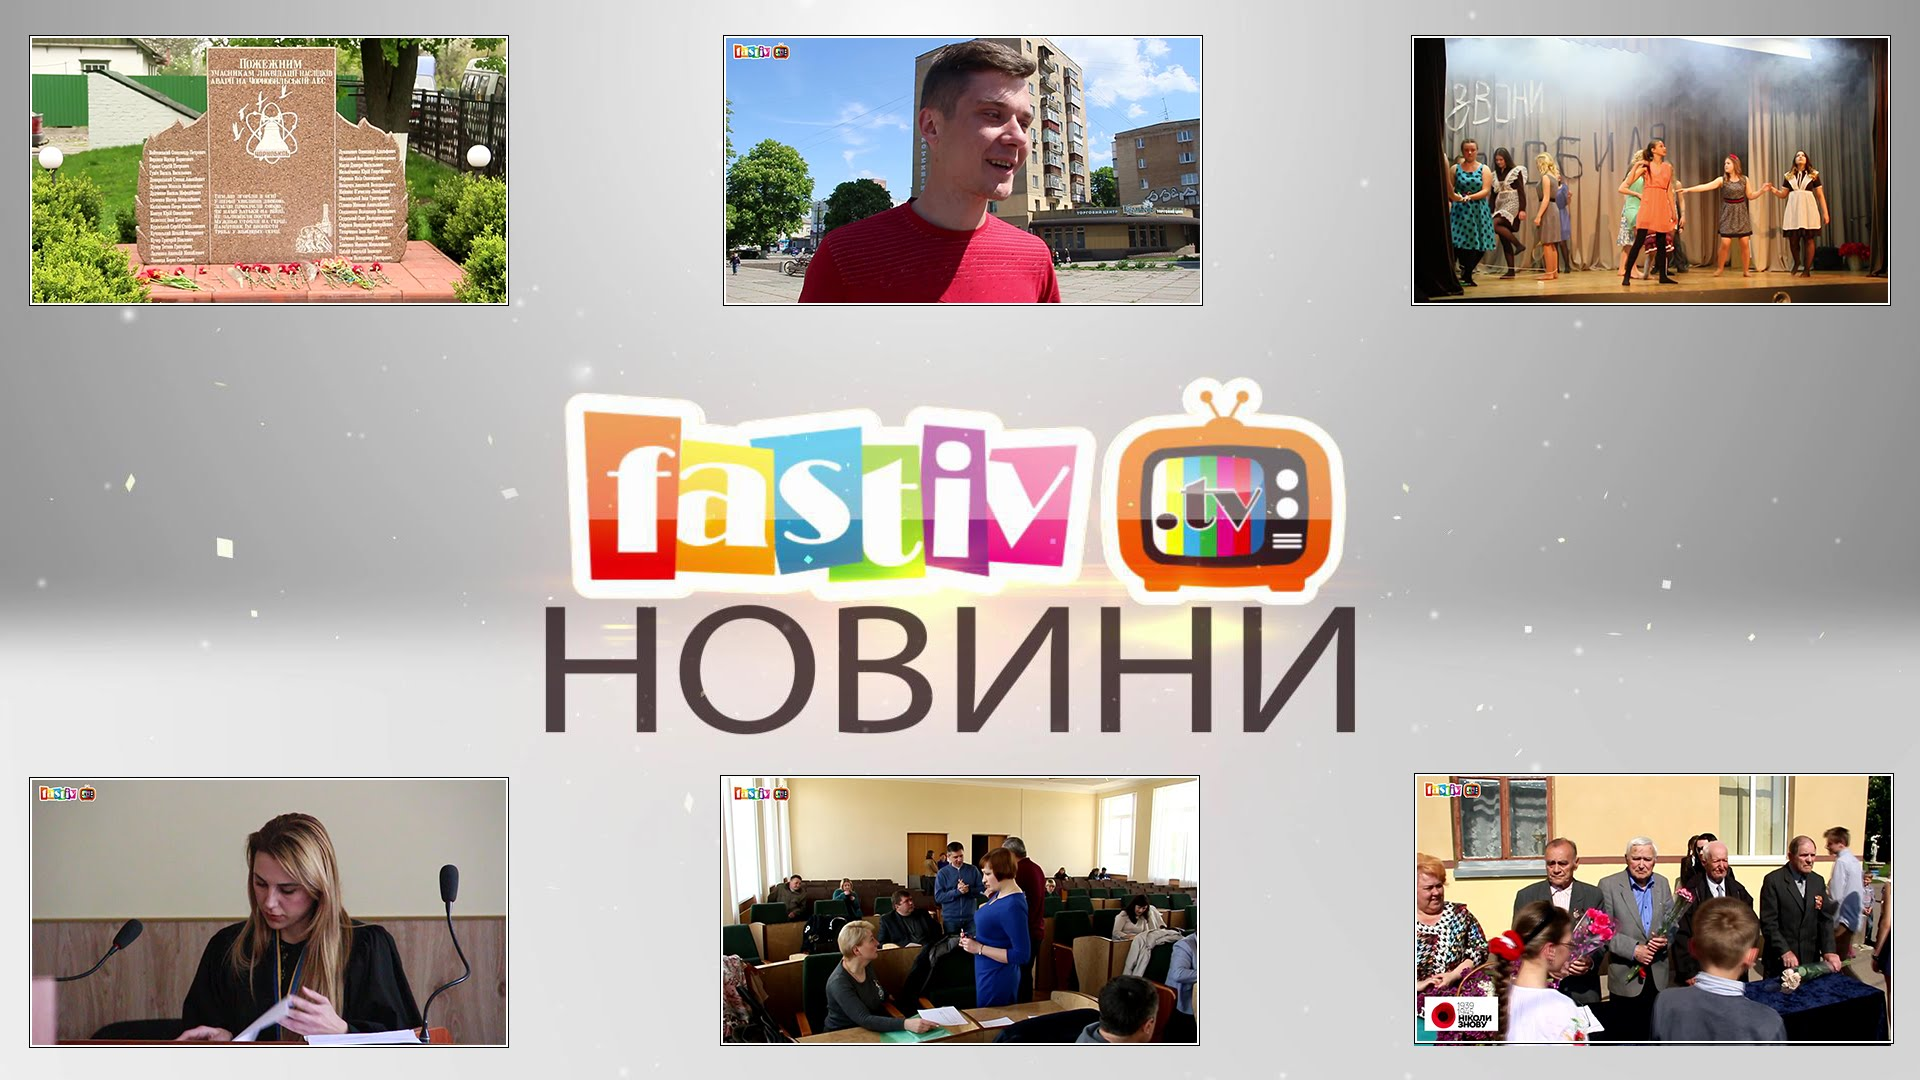 Тижневі підсумки новин від FASTIV.TV 08.05.2016